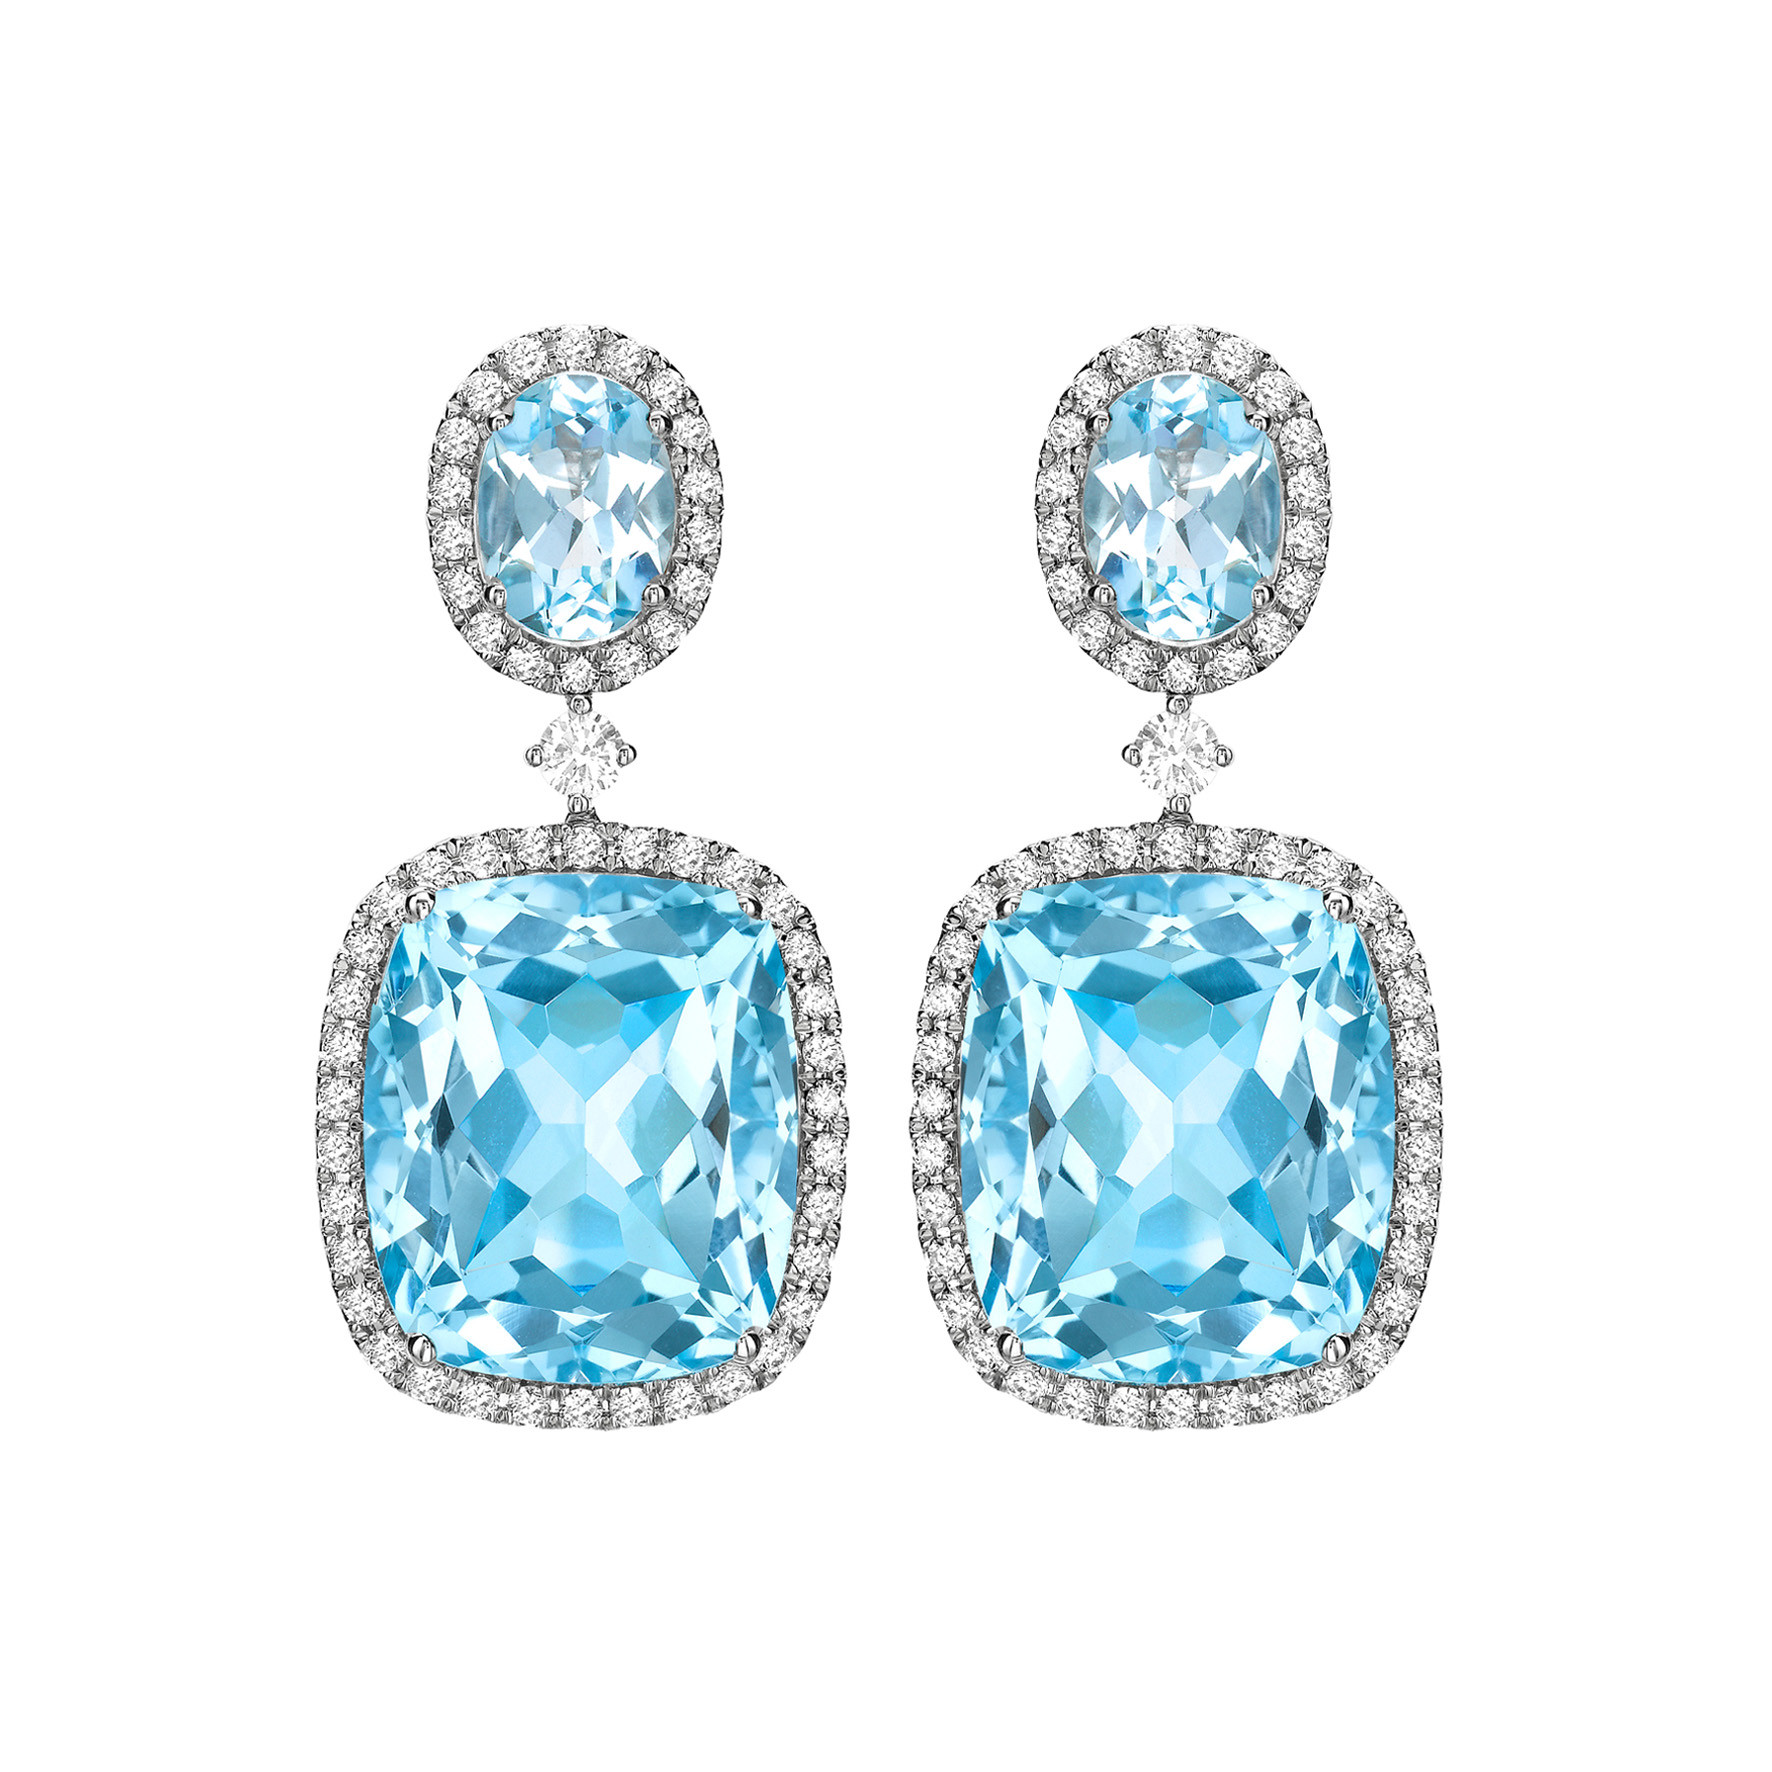 Kiki McDonough blue topaz earrings 1 kate.jpg